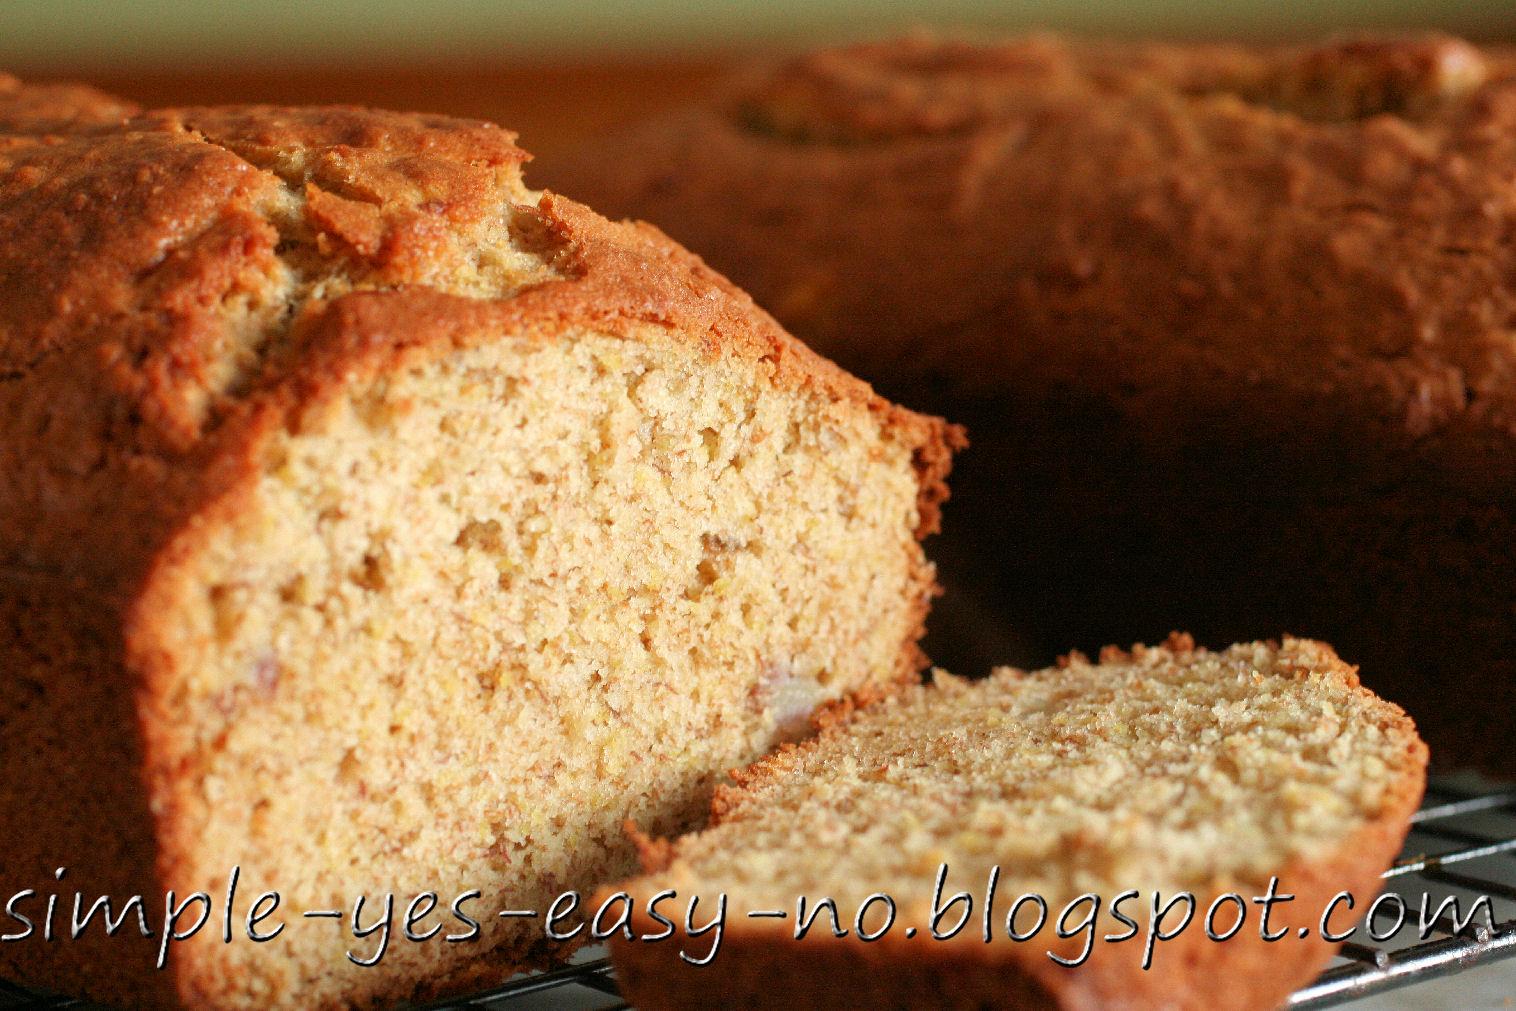 Simple Yes, Easy NO: Semi-Healthy Banana Bread